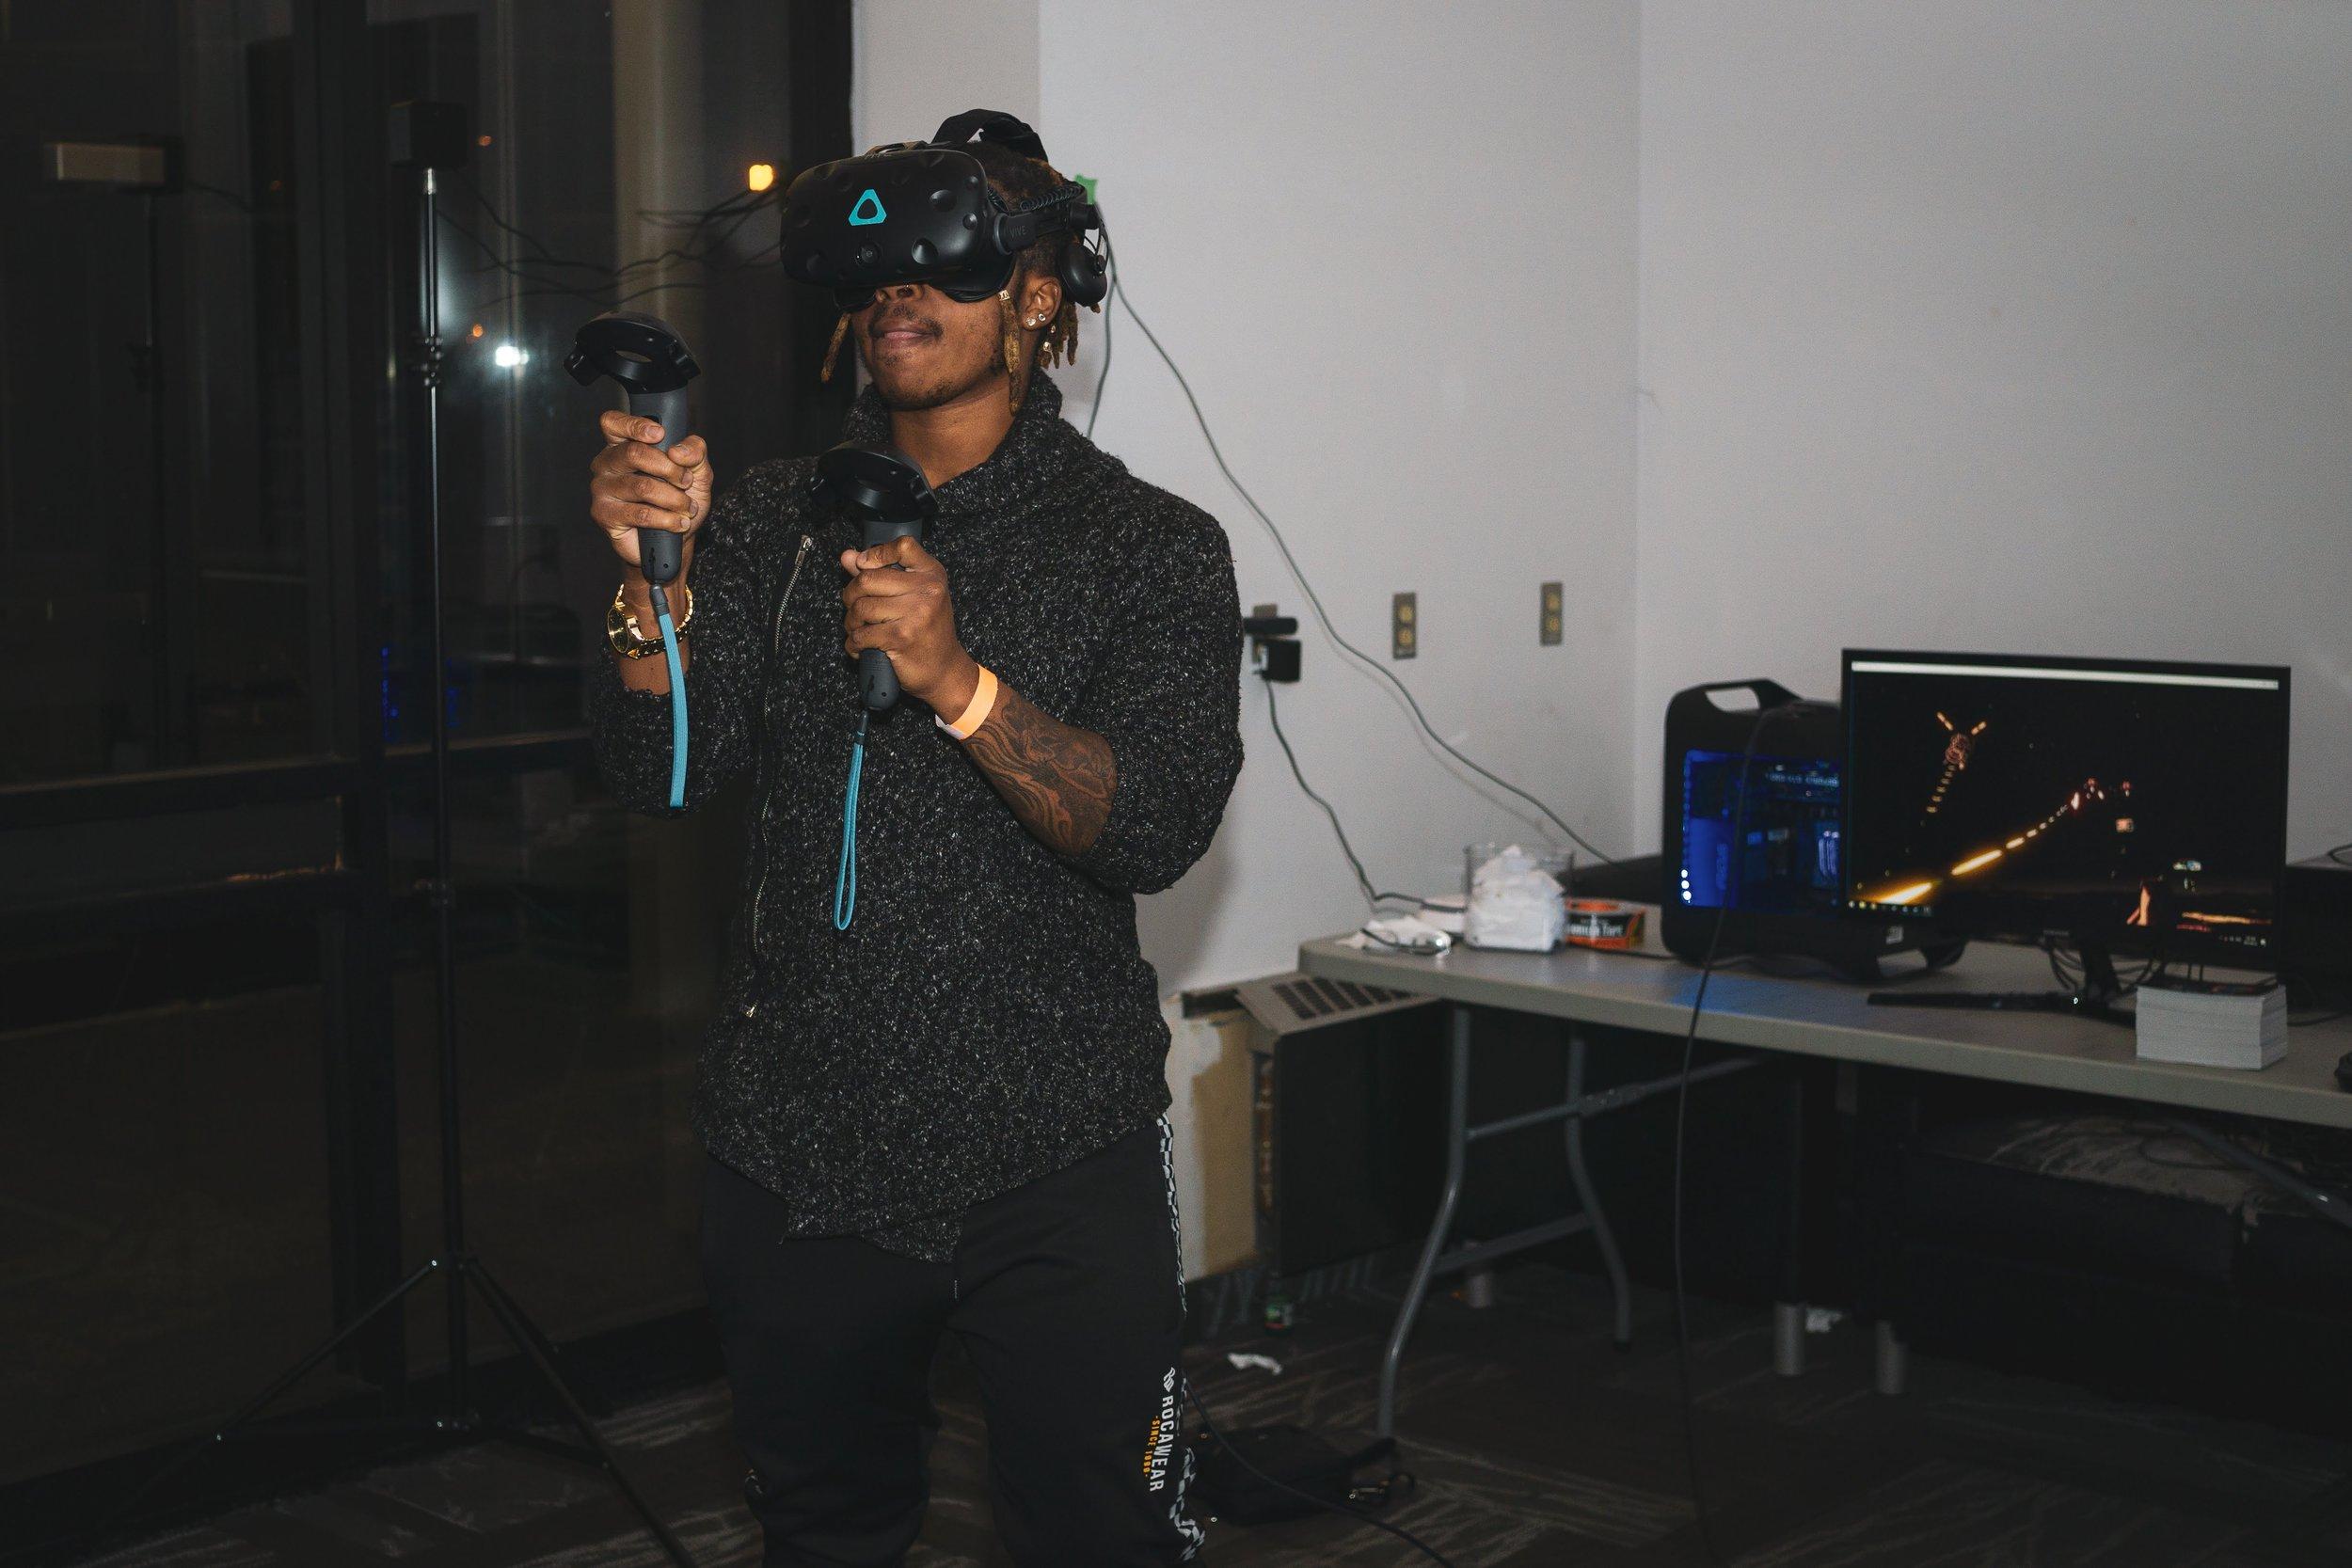 VR demonstration courtesy of CTRL V Brampton at META Brampton (September 2018)